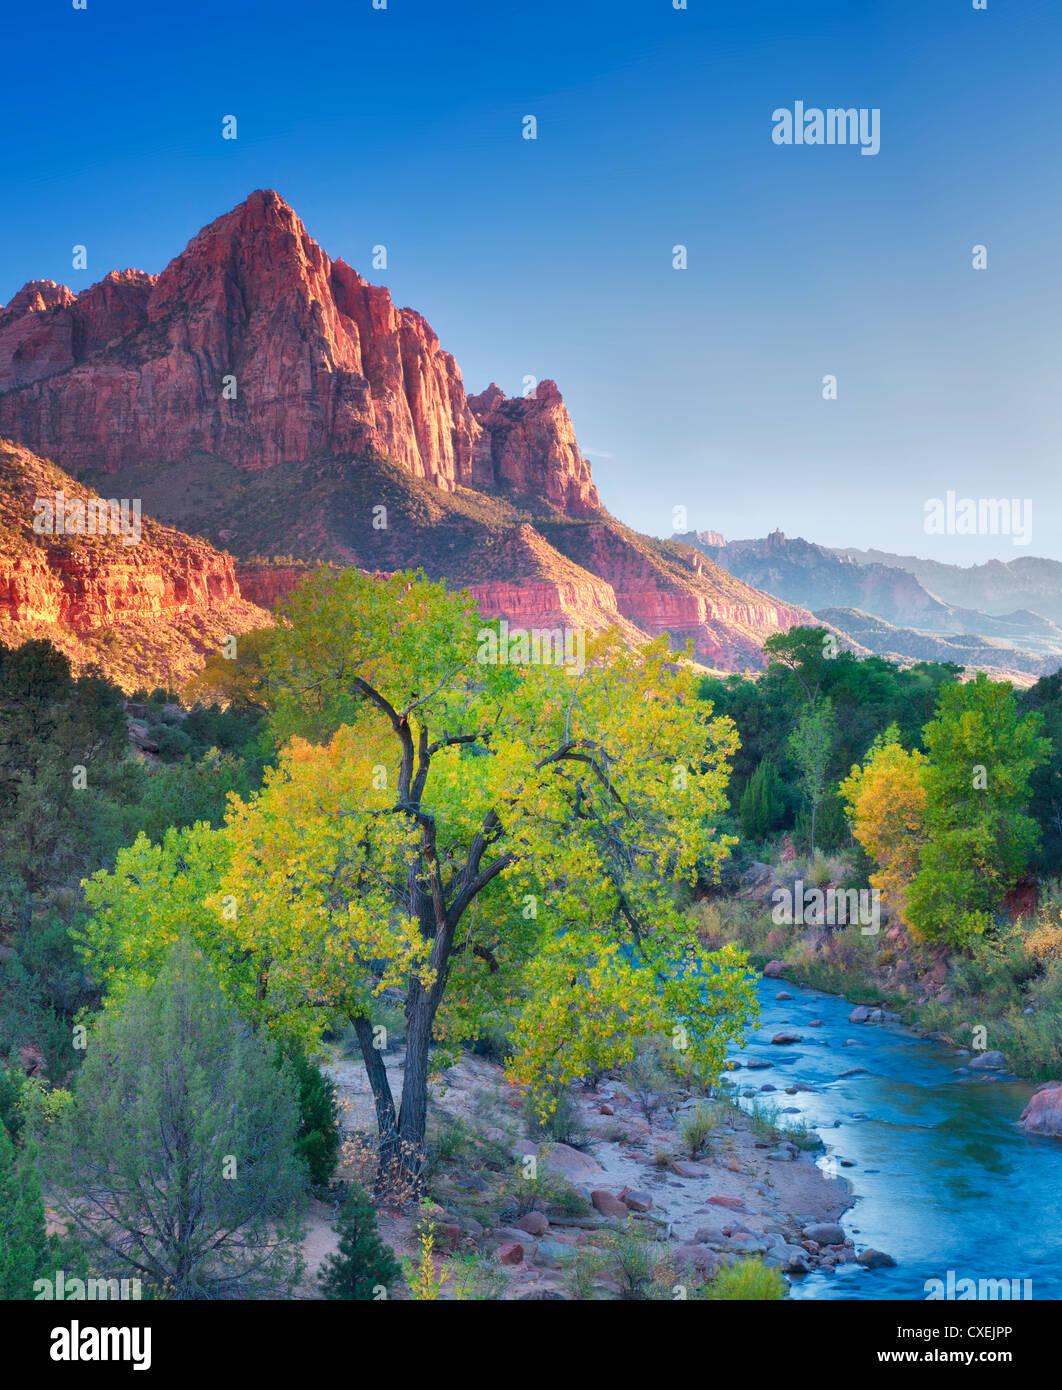 La couleur de l'automne et de Virgin River. Zion National Park, Utah. Sky a été ajouté Photo Stock